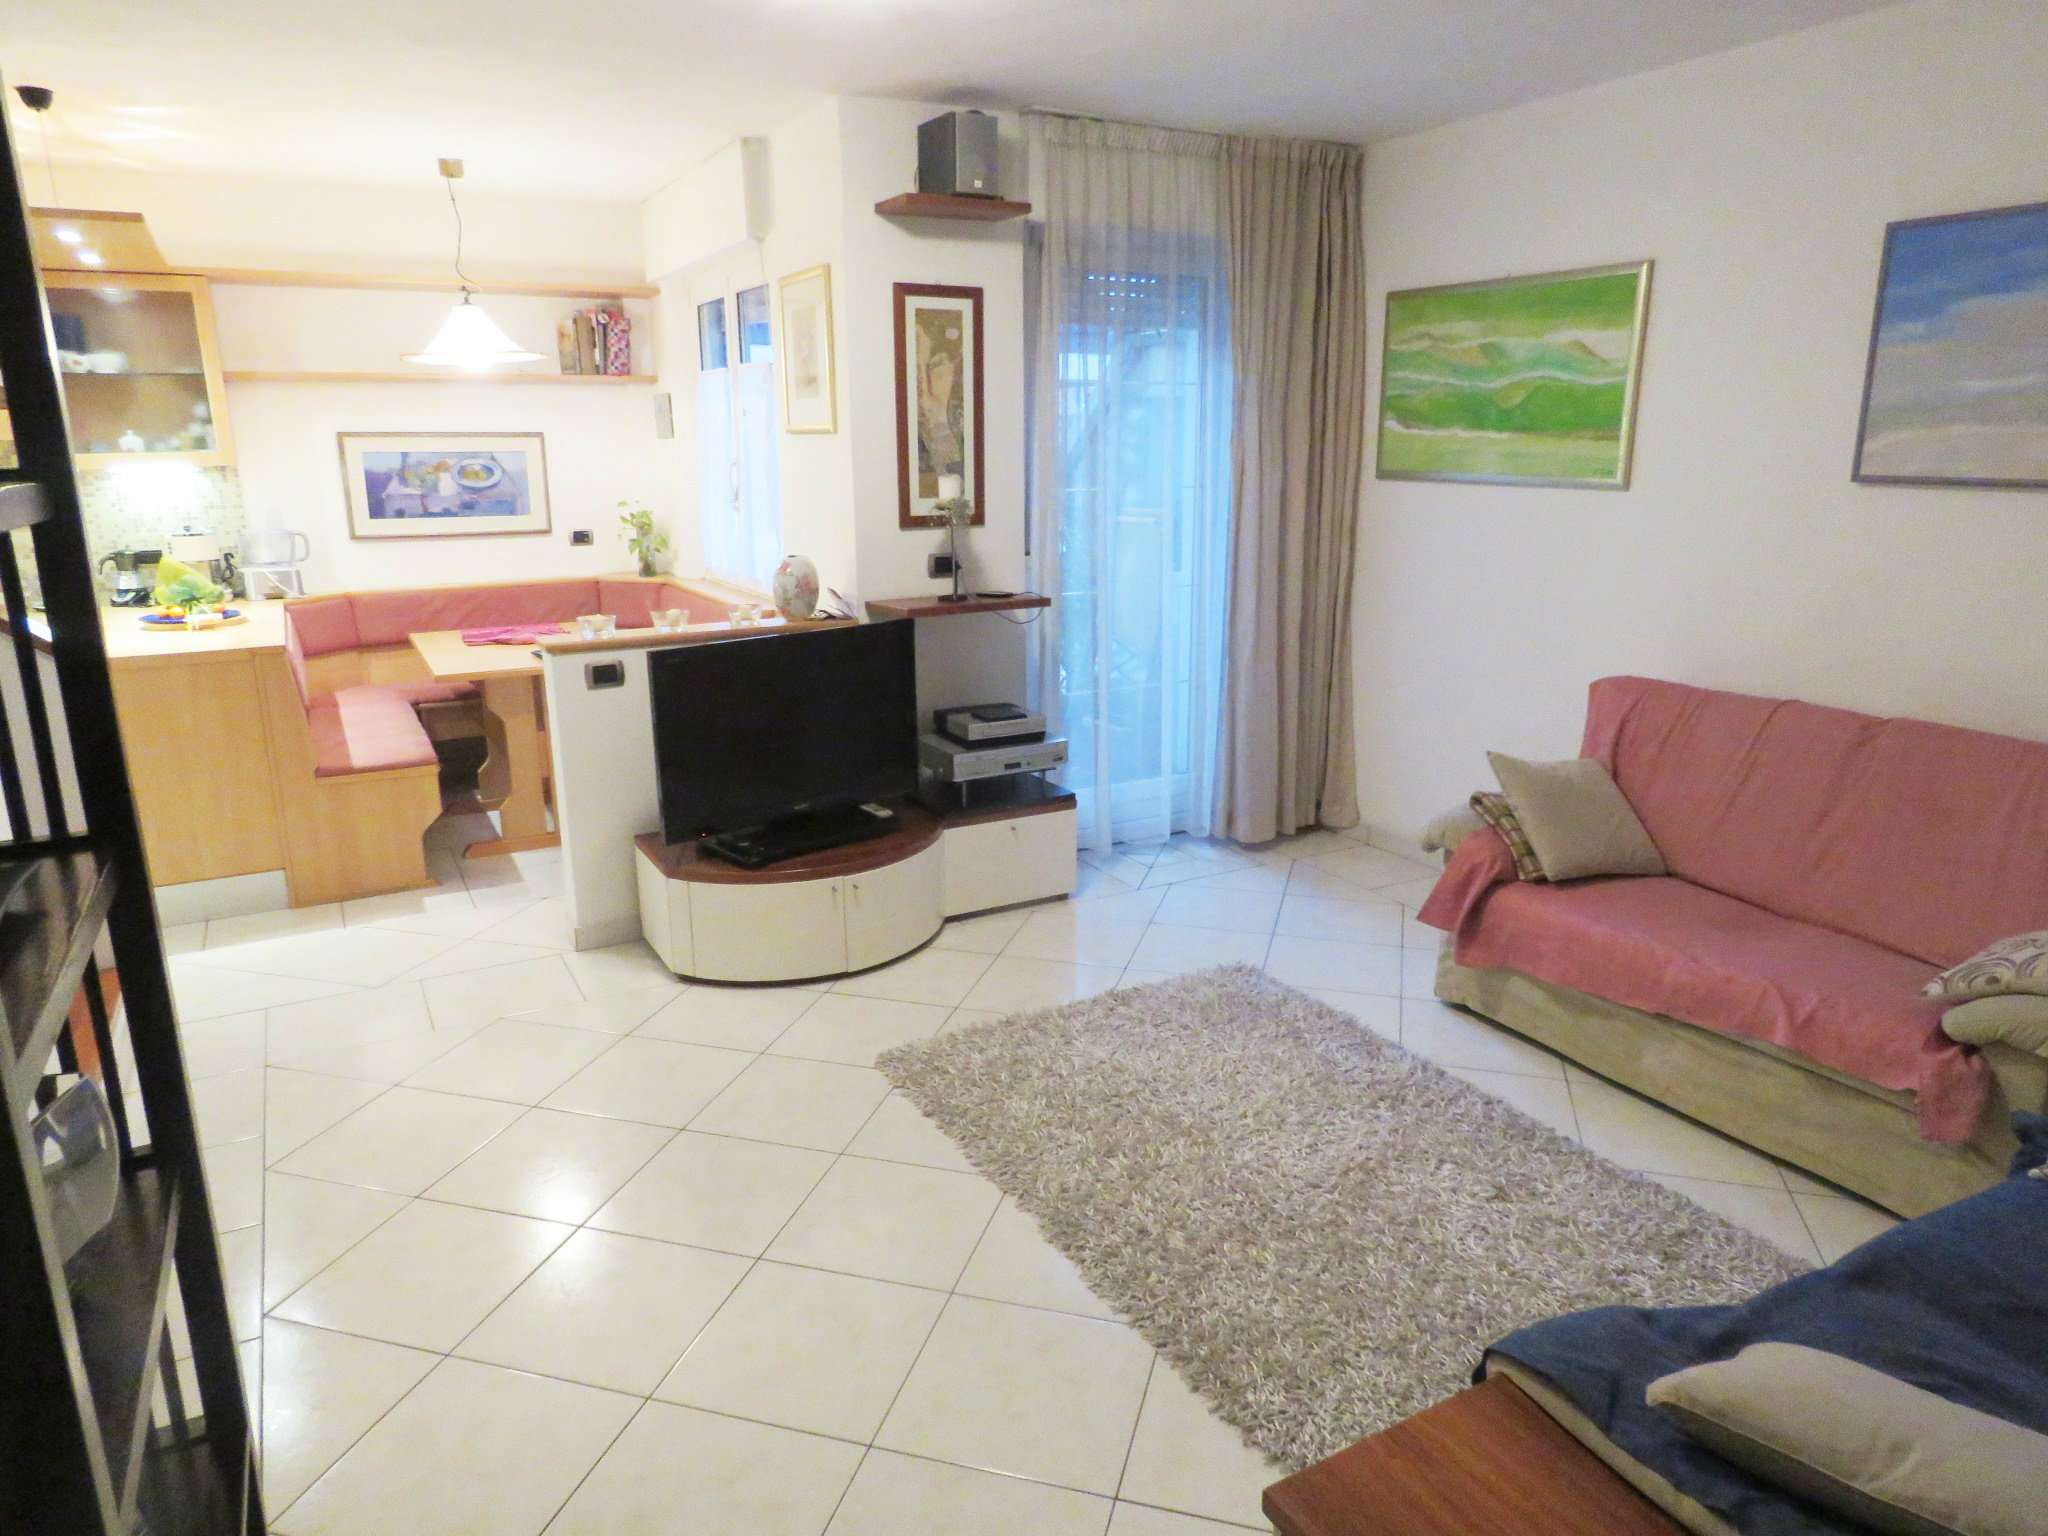 Attico / Mansarda in vendita a Laives, 3 locali, prezzo € 320.000 | Cambio Casa.it